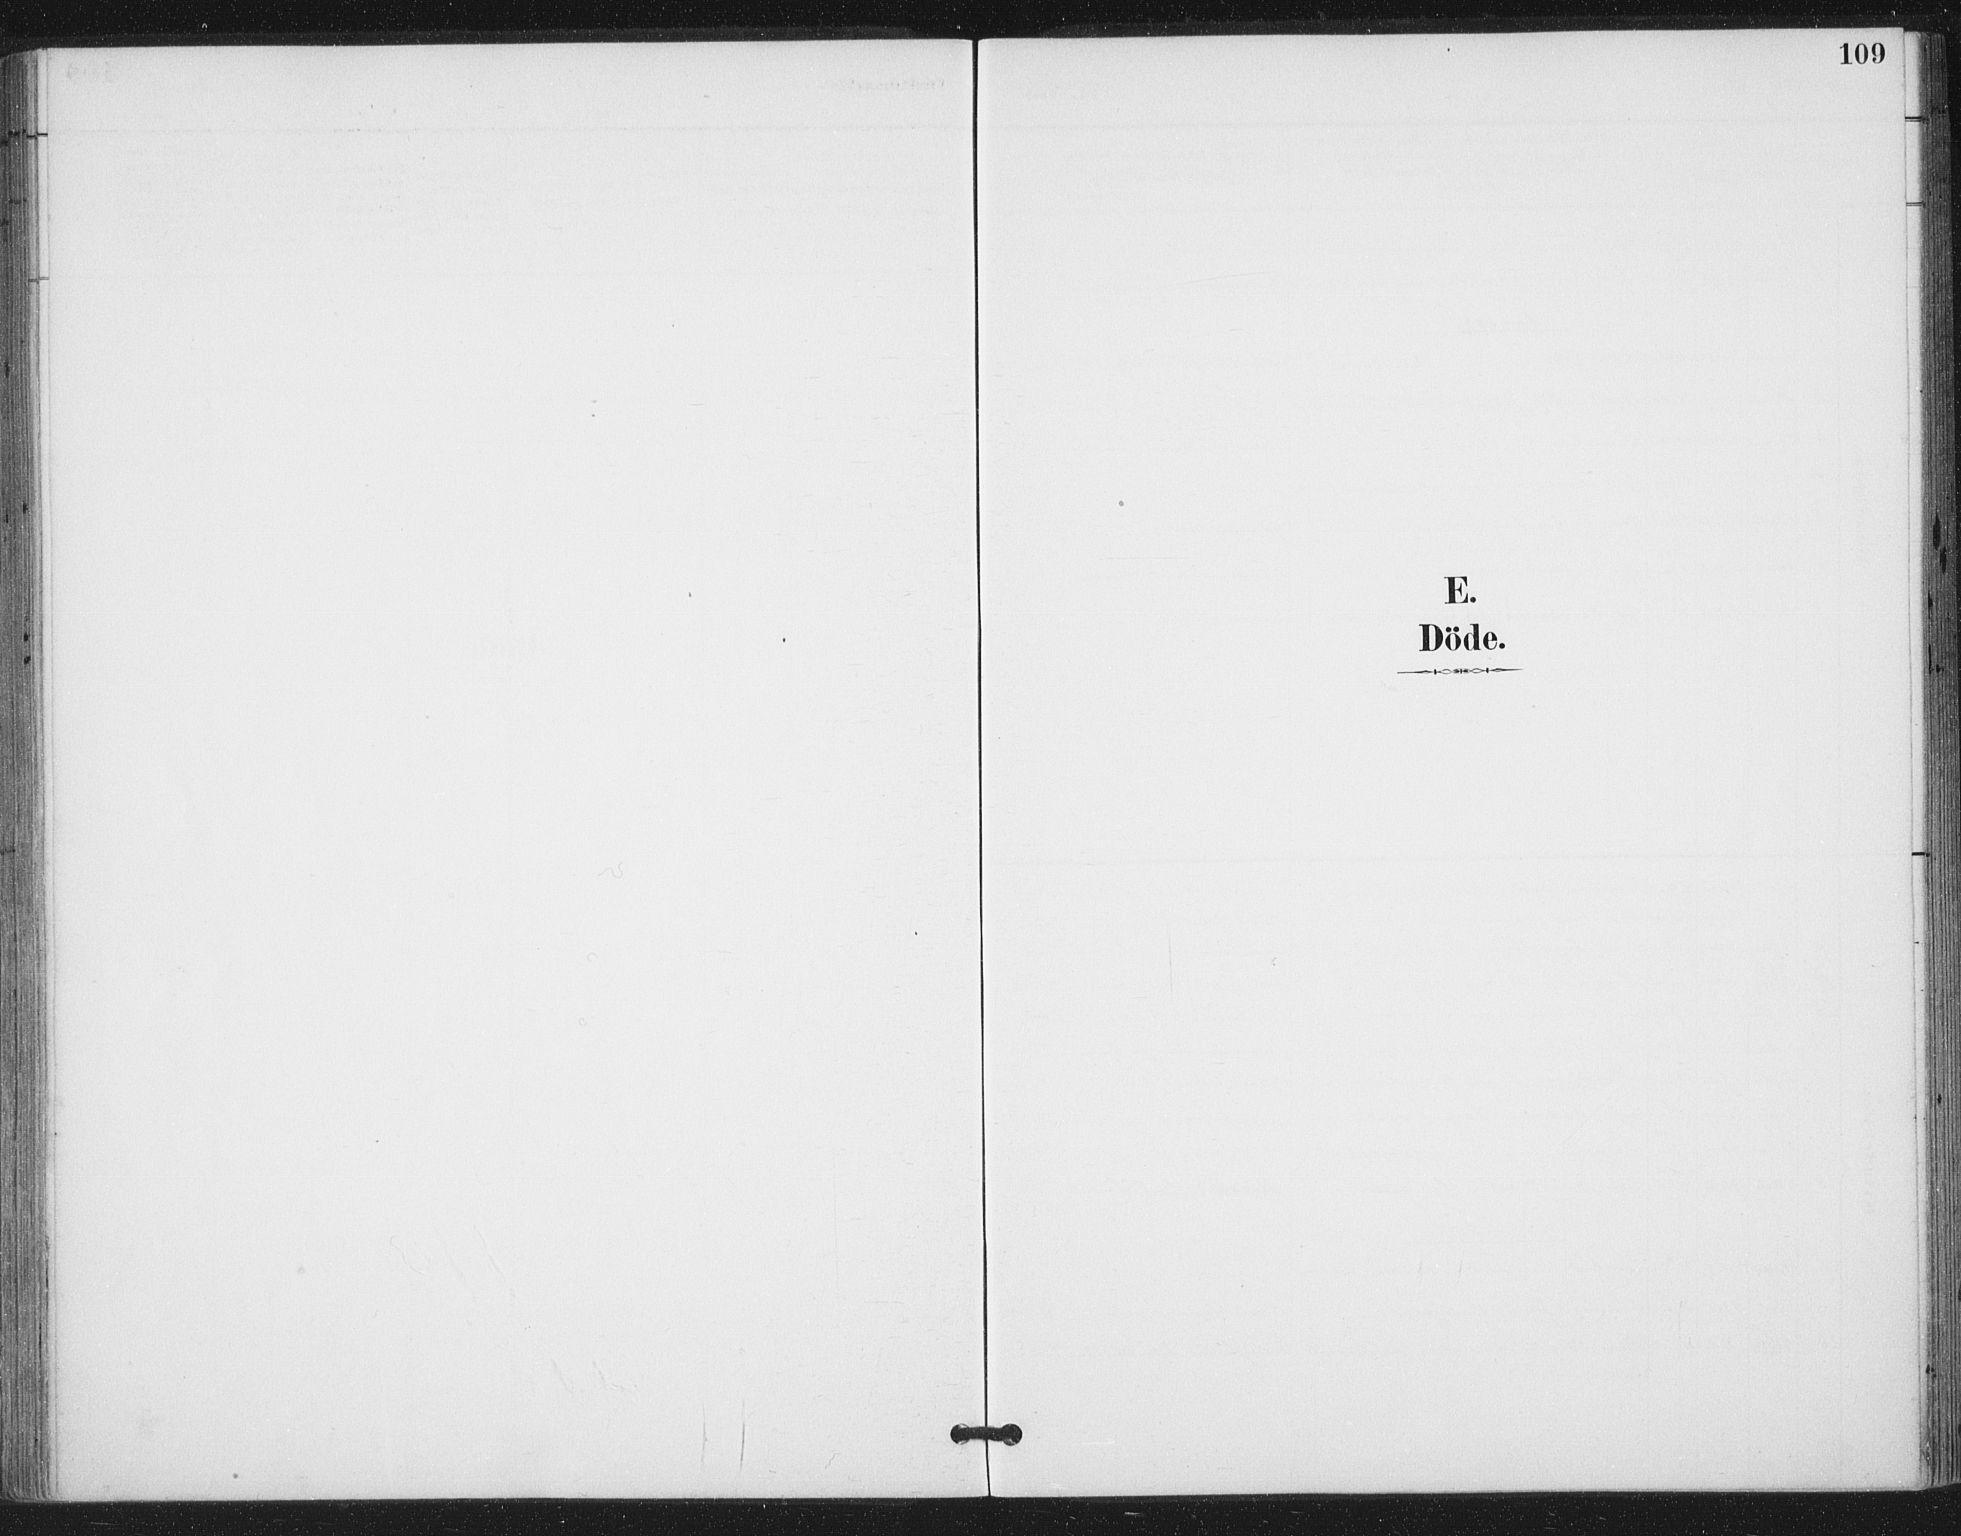 SAT, Ministerialprotokoller, klokkerbøker og fødselsregistre - Nord-Trøndelag, 783/L0660: Ministerialbok nr. 783A02, 1886-1918, s. 109